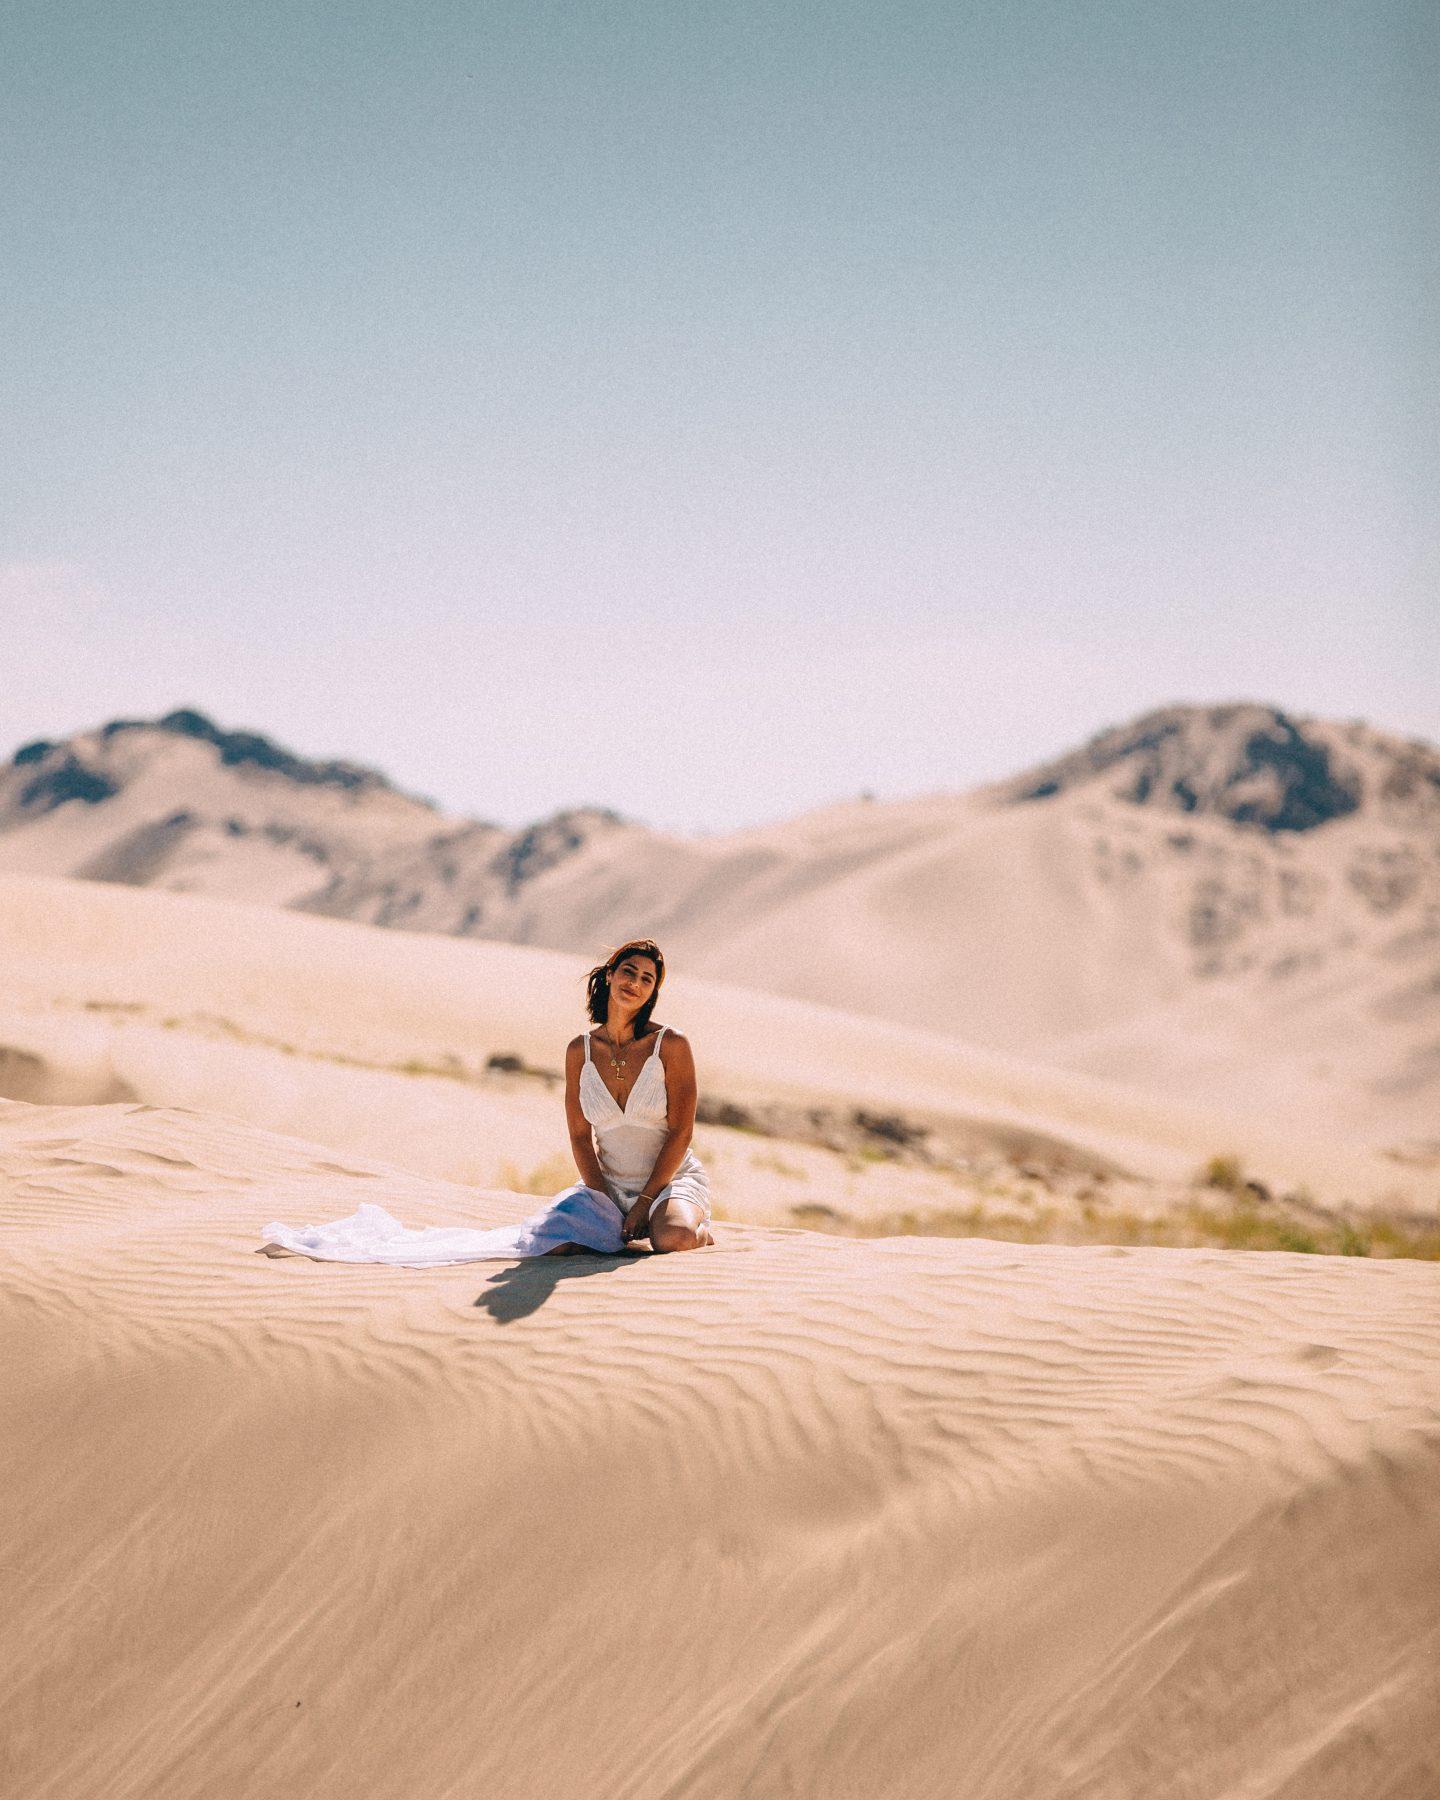 Lisa Homsy on the Little Sahara sand dunes in Utah